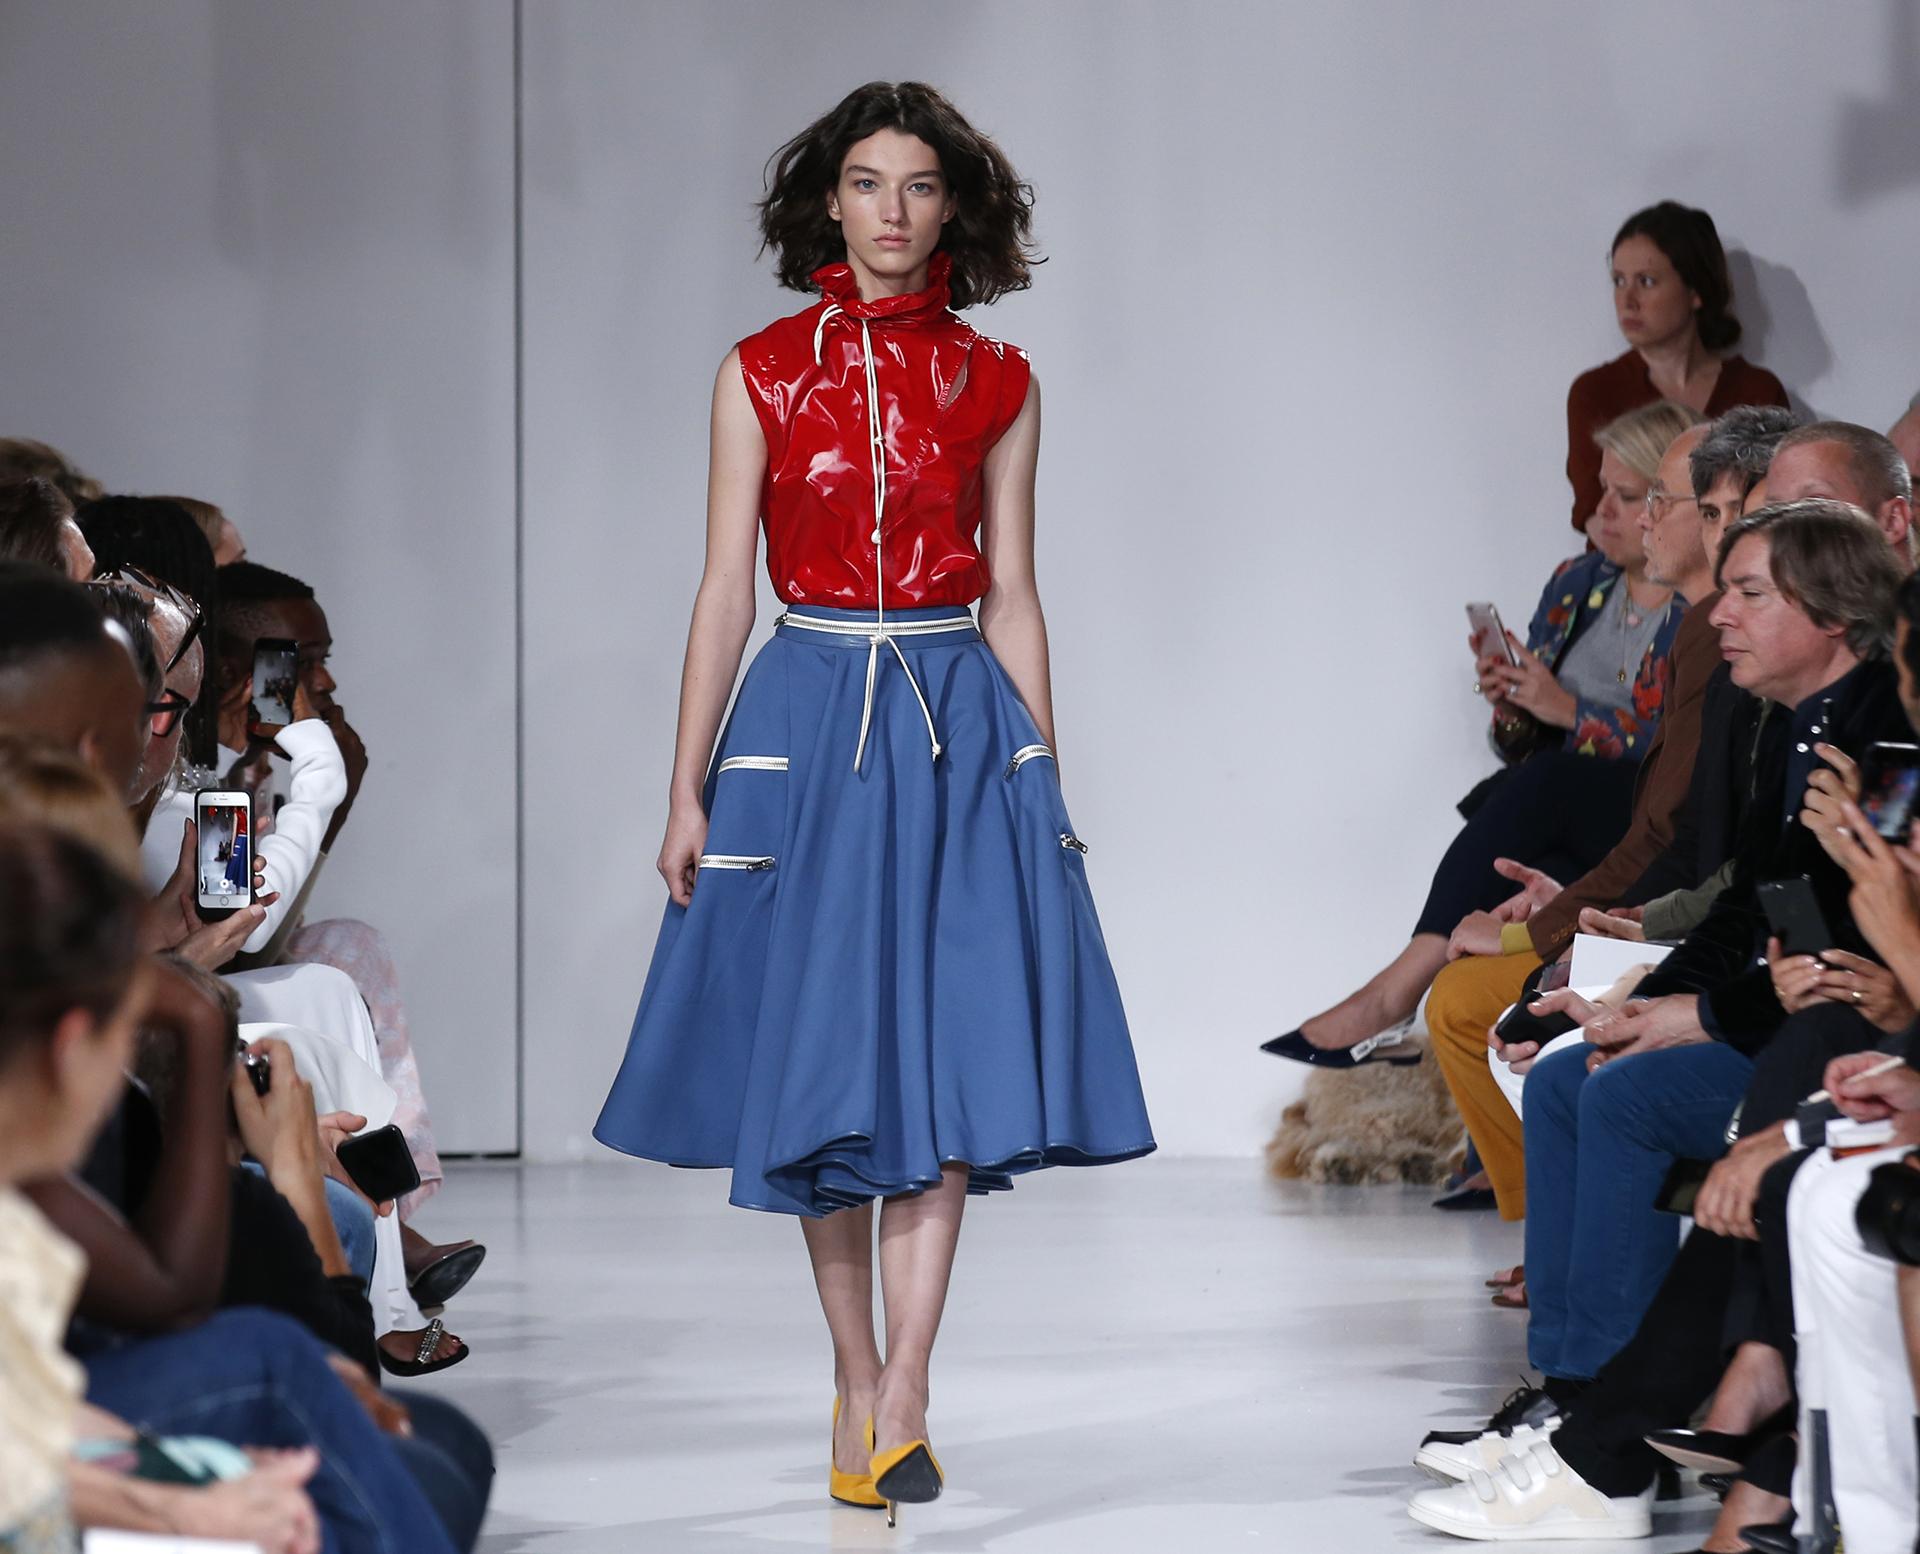 La boutique presentó una versión millennial de su estilo (AP)